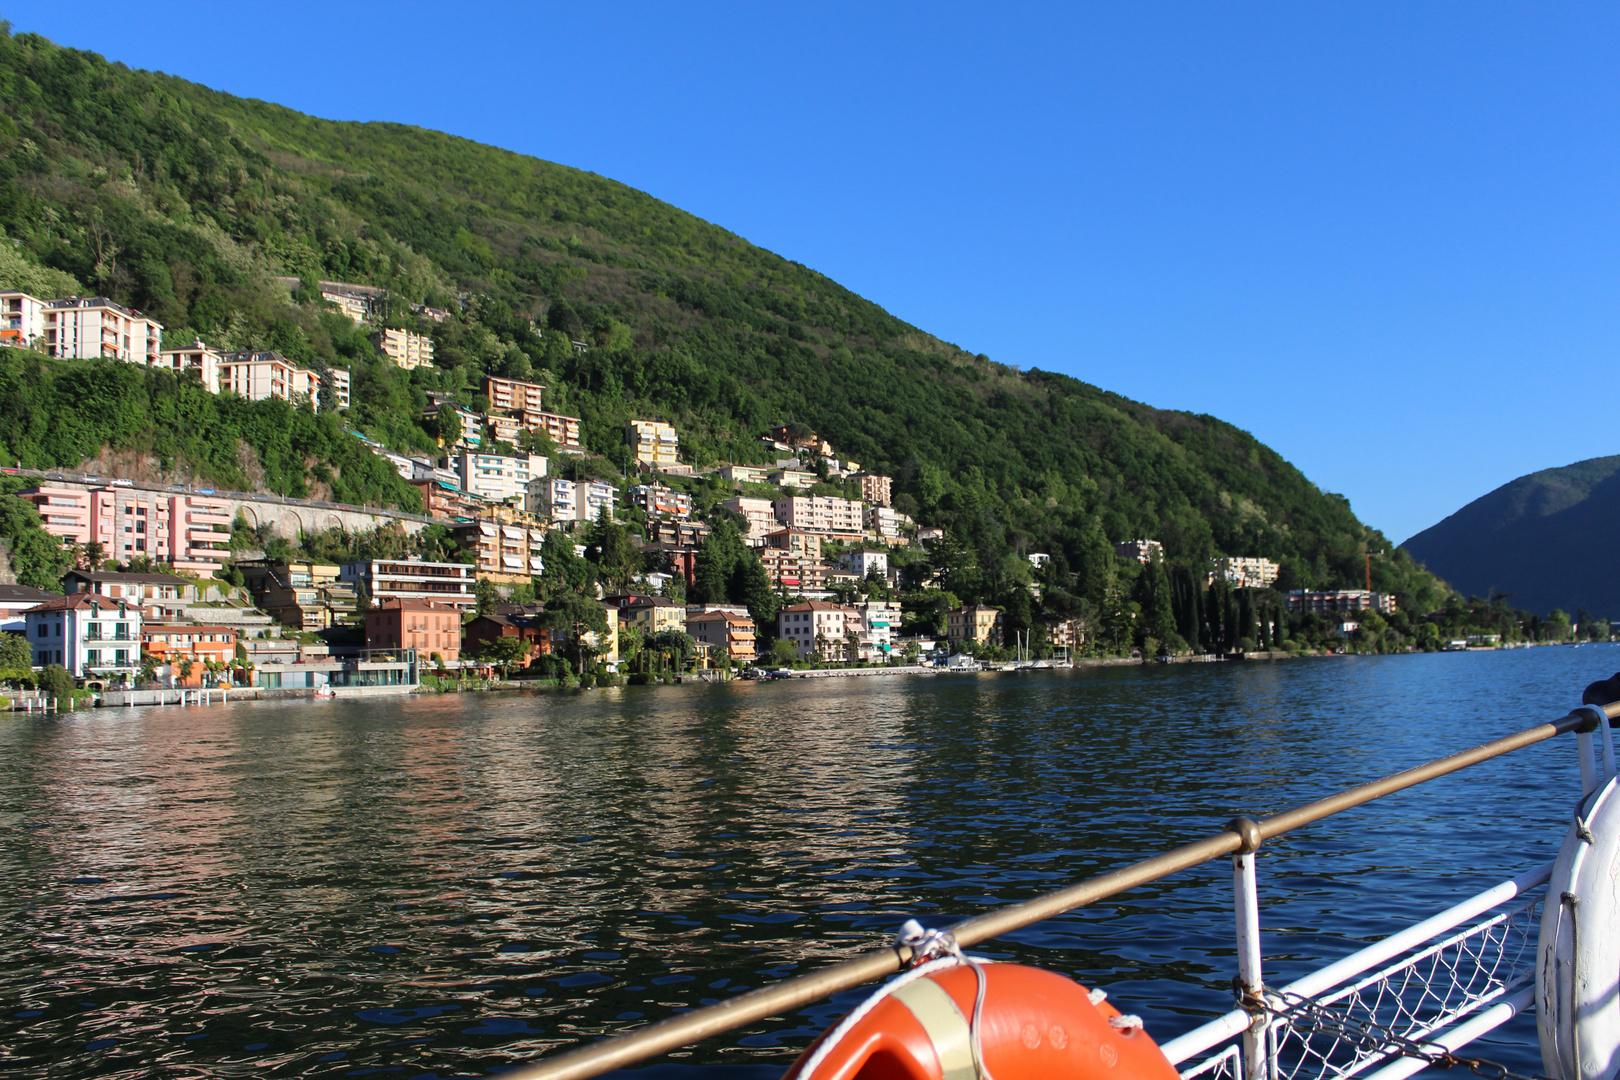 Die Kleine italienische Insel in der Schweiz